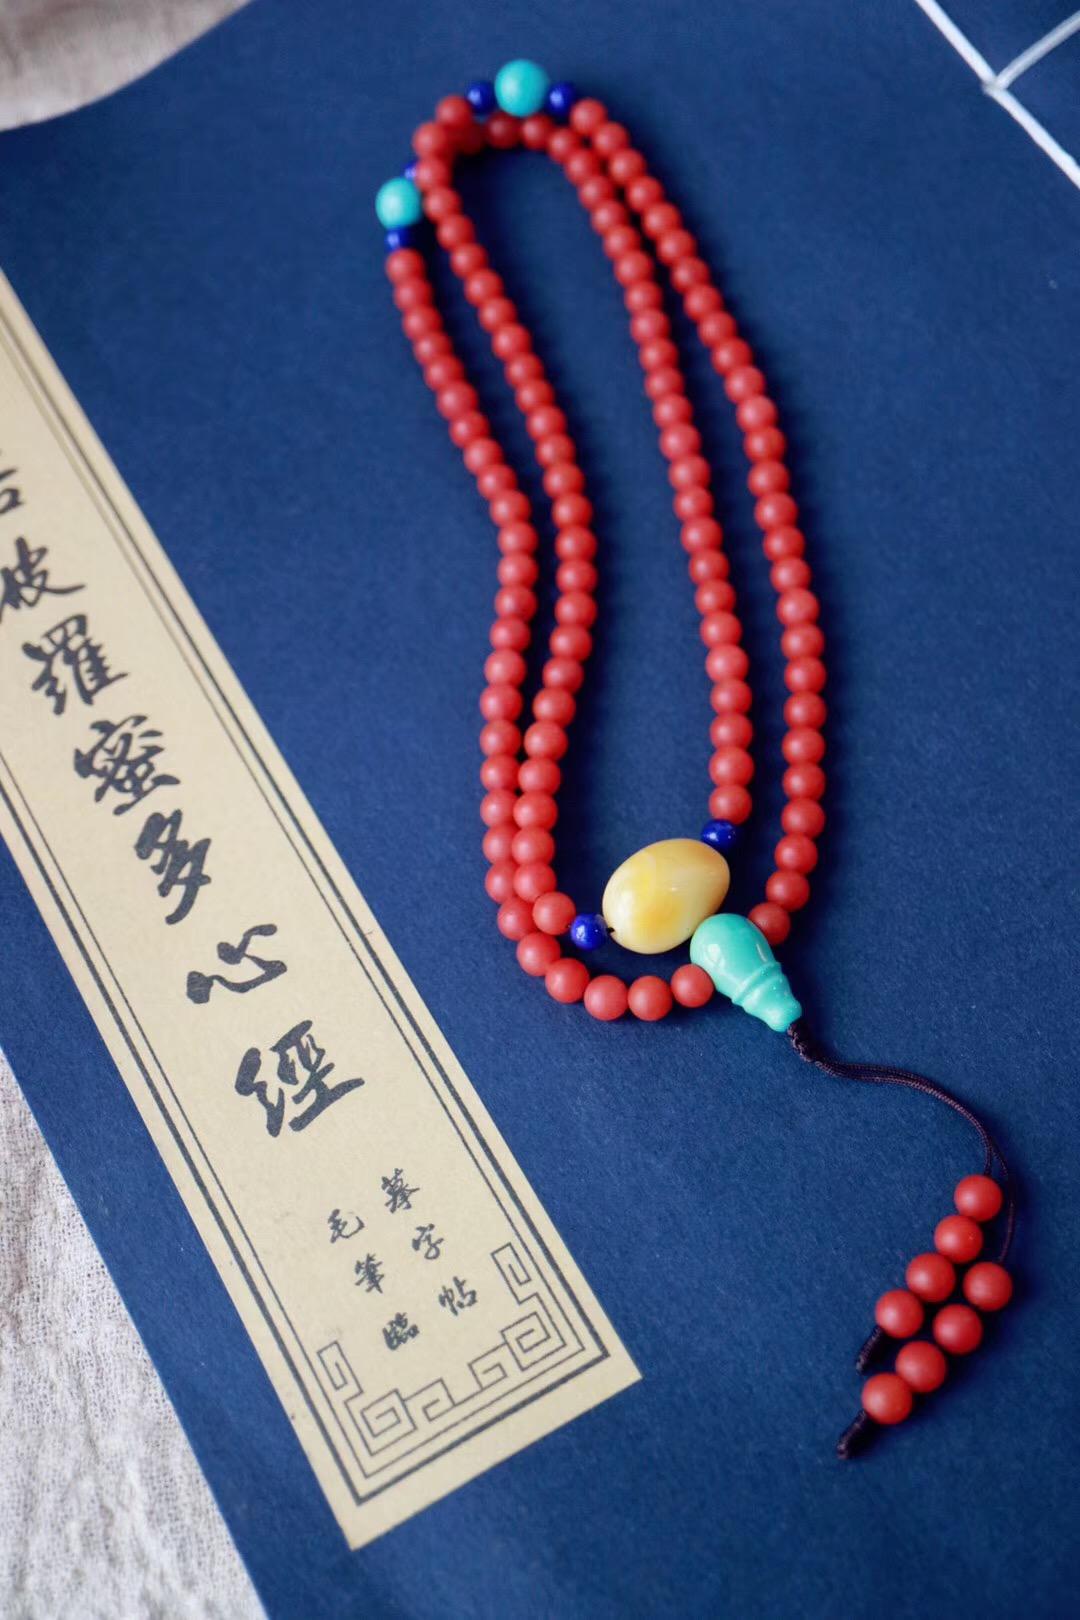 【菩心 | 保山南红】携带着国人喜好,遮不住的几千年的风韵-菩心晶舍